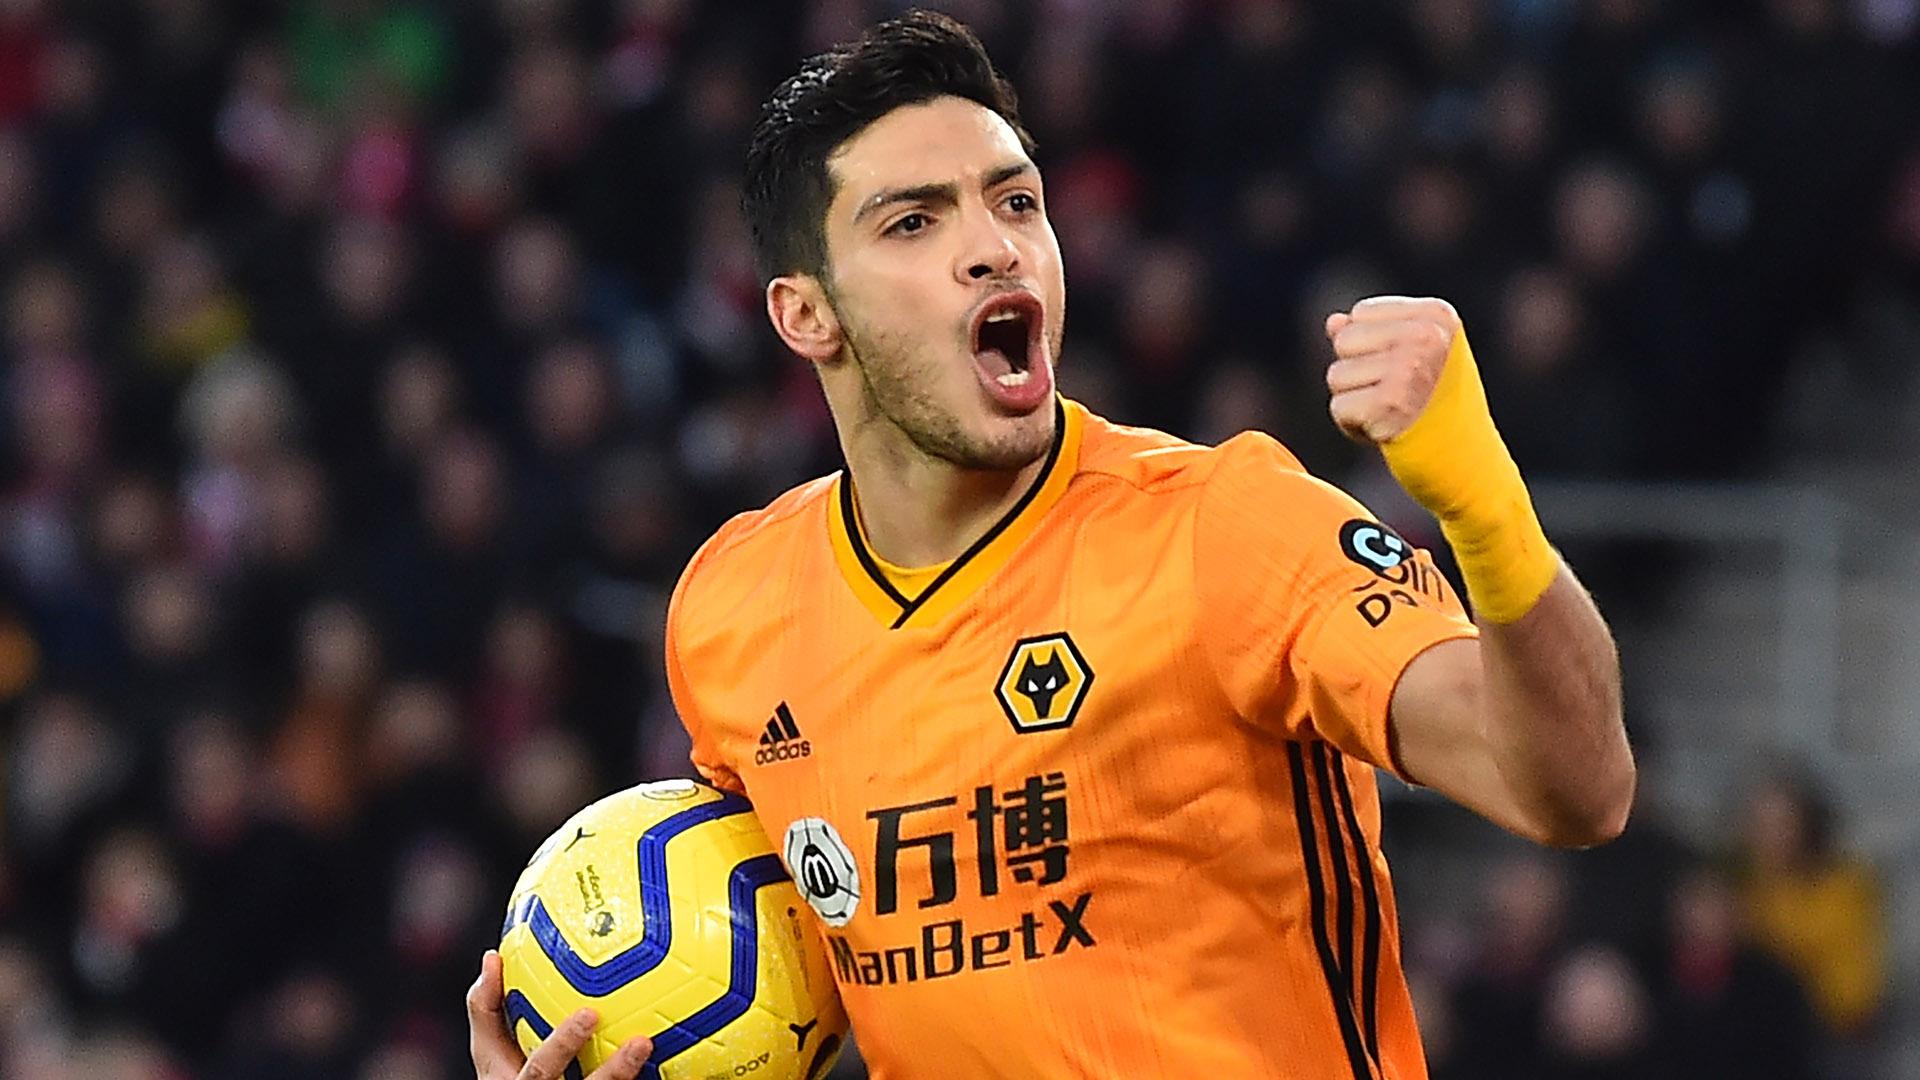 Diisukan Ke Manchester United, Raul Jimenez: Saya Bahagia Di Wolverhampton  | Goal.com